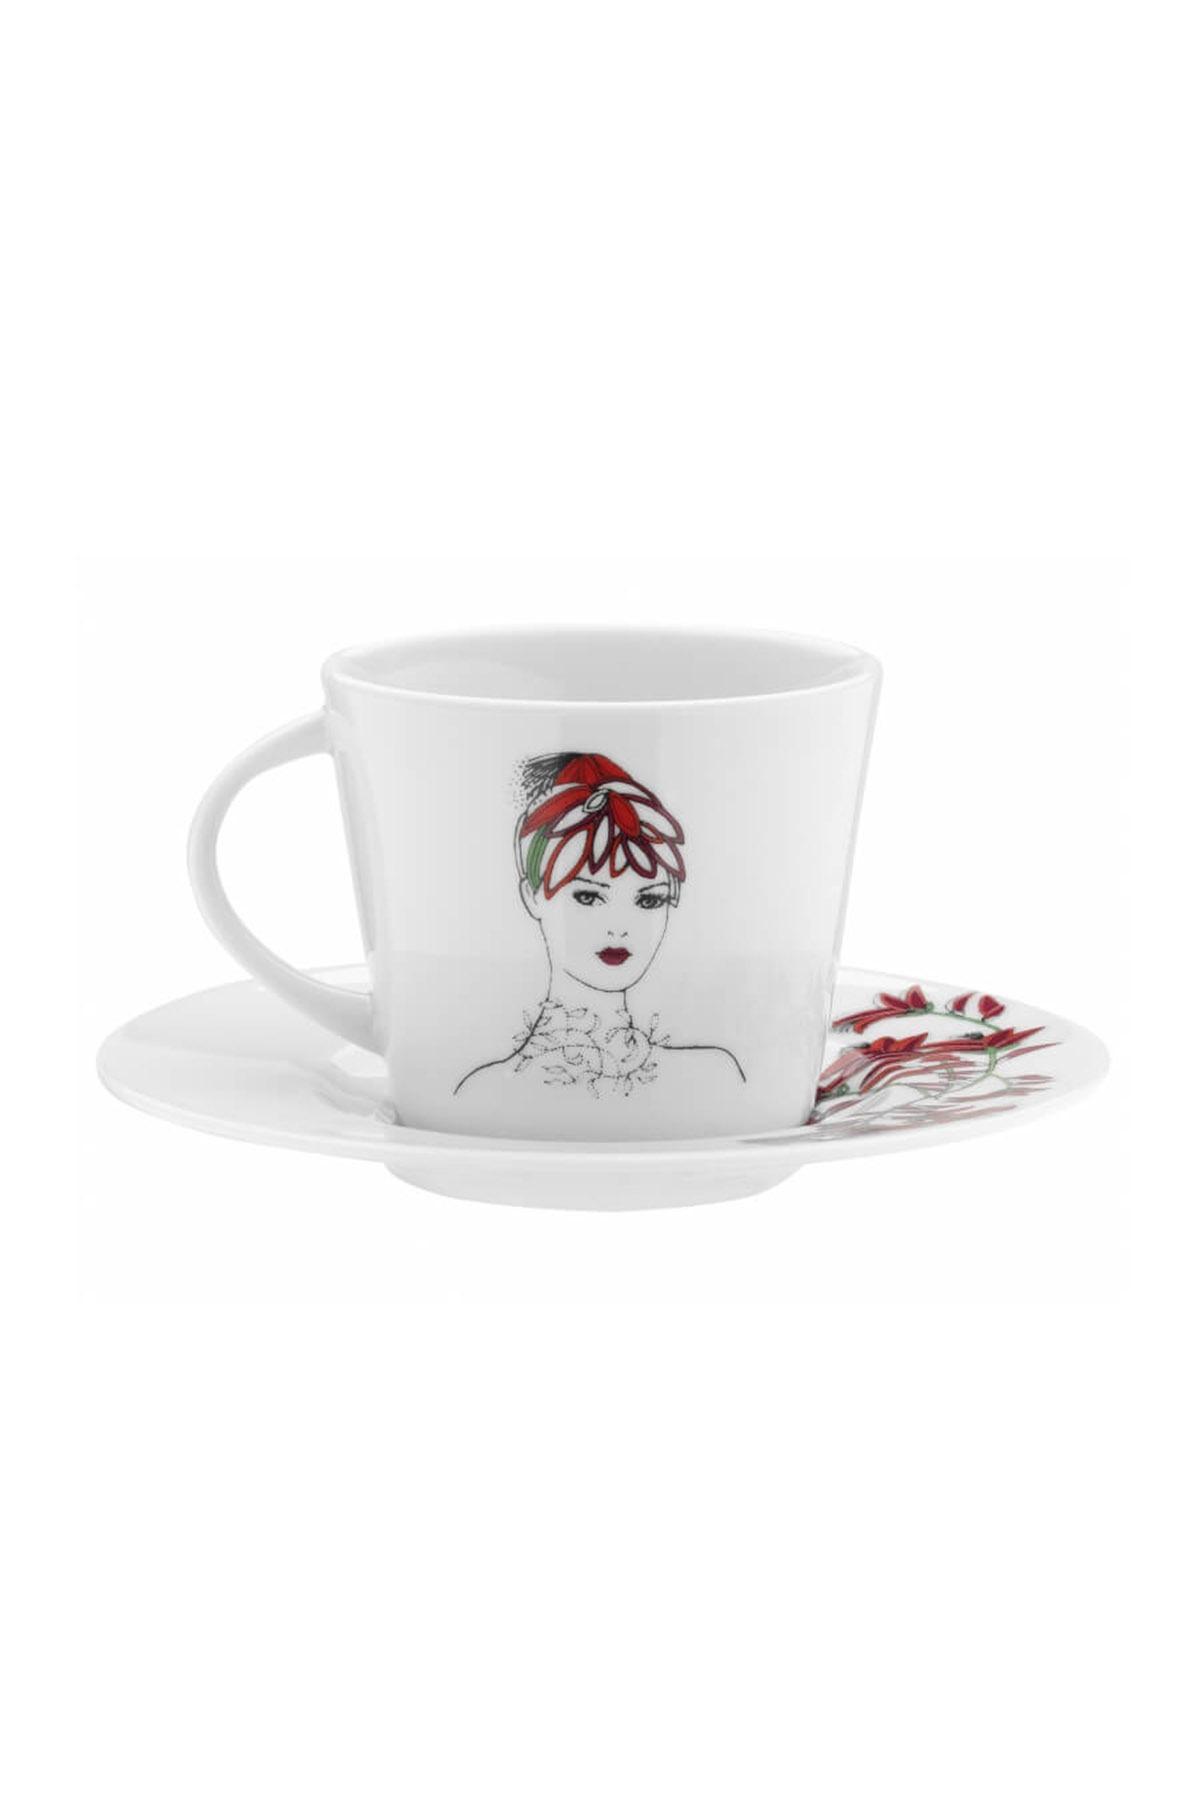 KÜTAHYA PORSELEN - Kütahya Porselen Kadınlarım Serisi 9445 Desen Çay Fincan Takımı